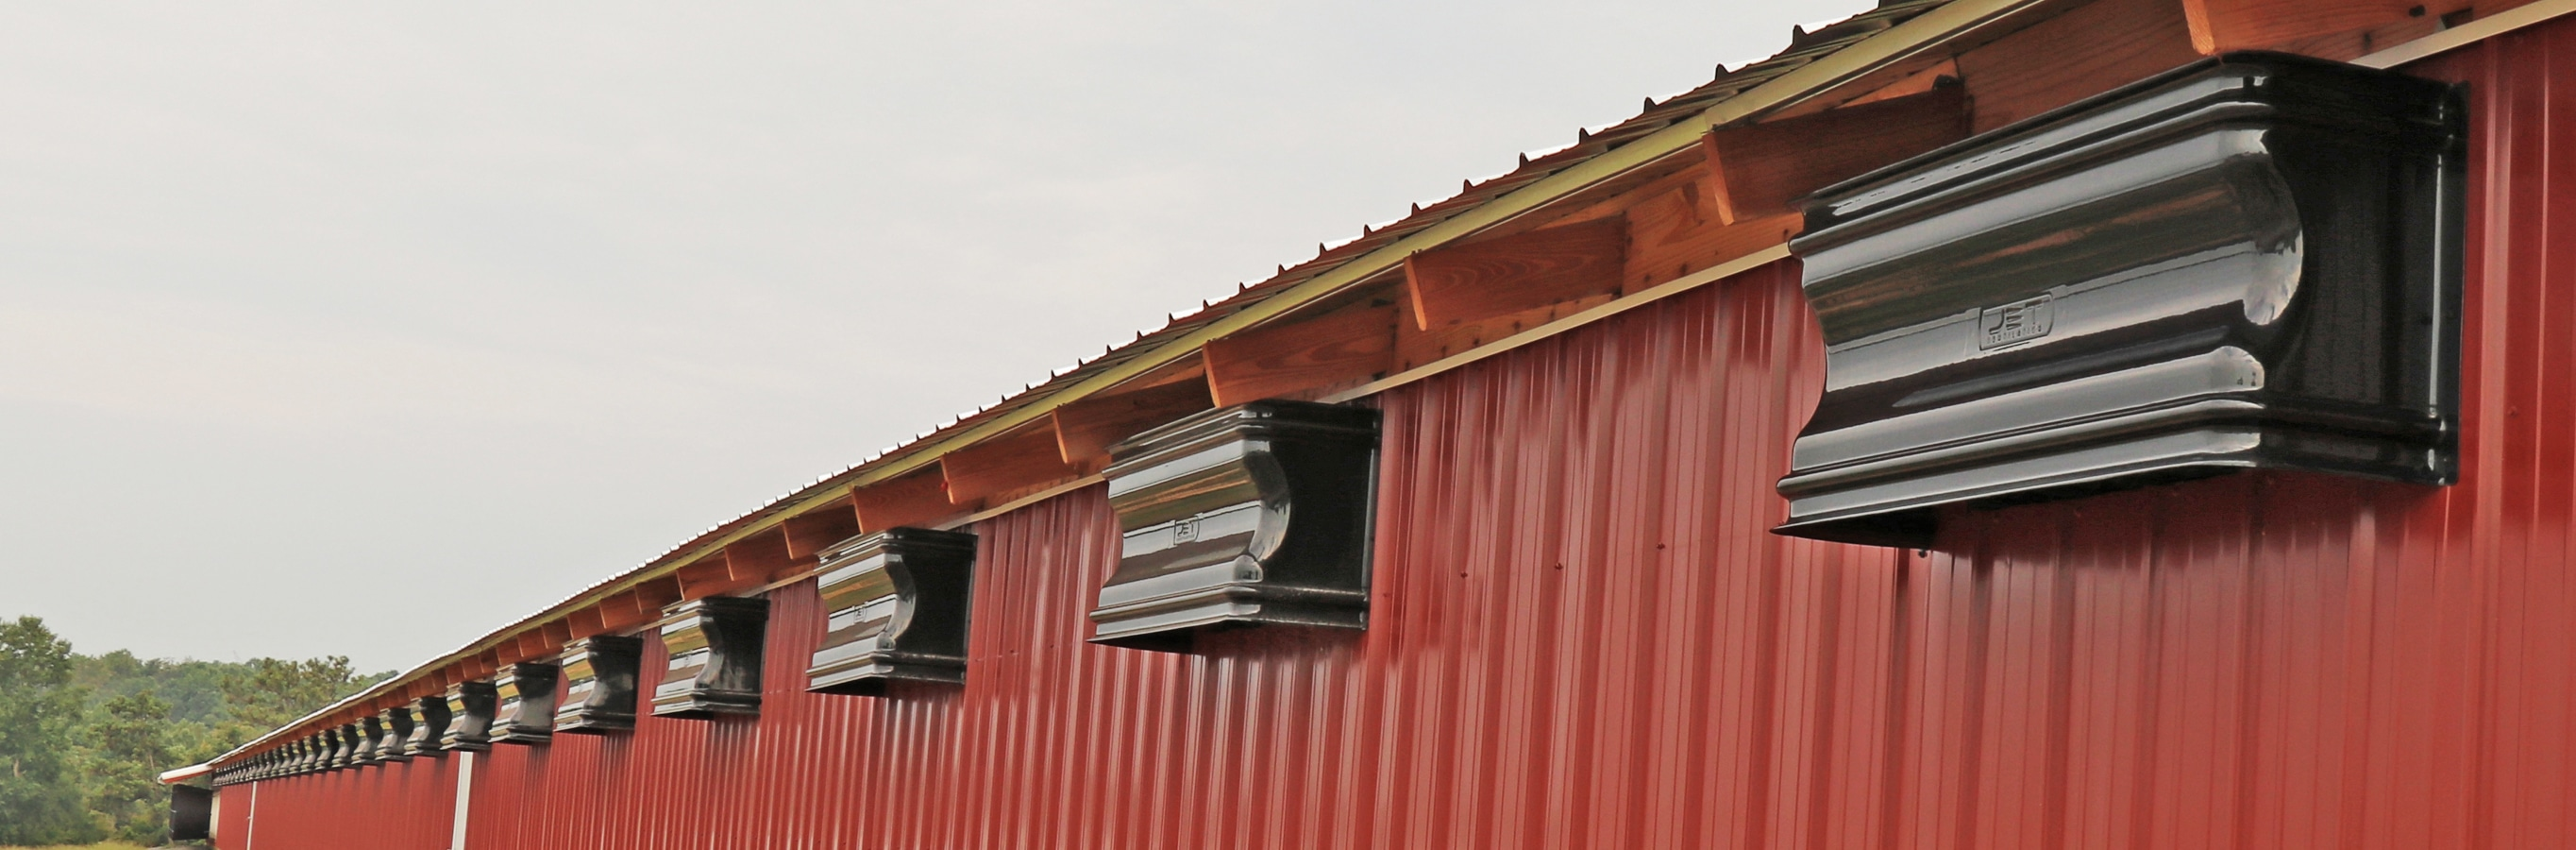 Wind / Sun Deflector (Poultry Hood)